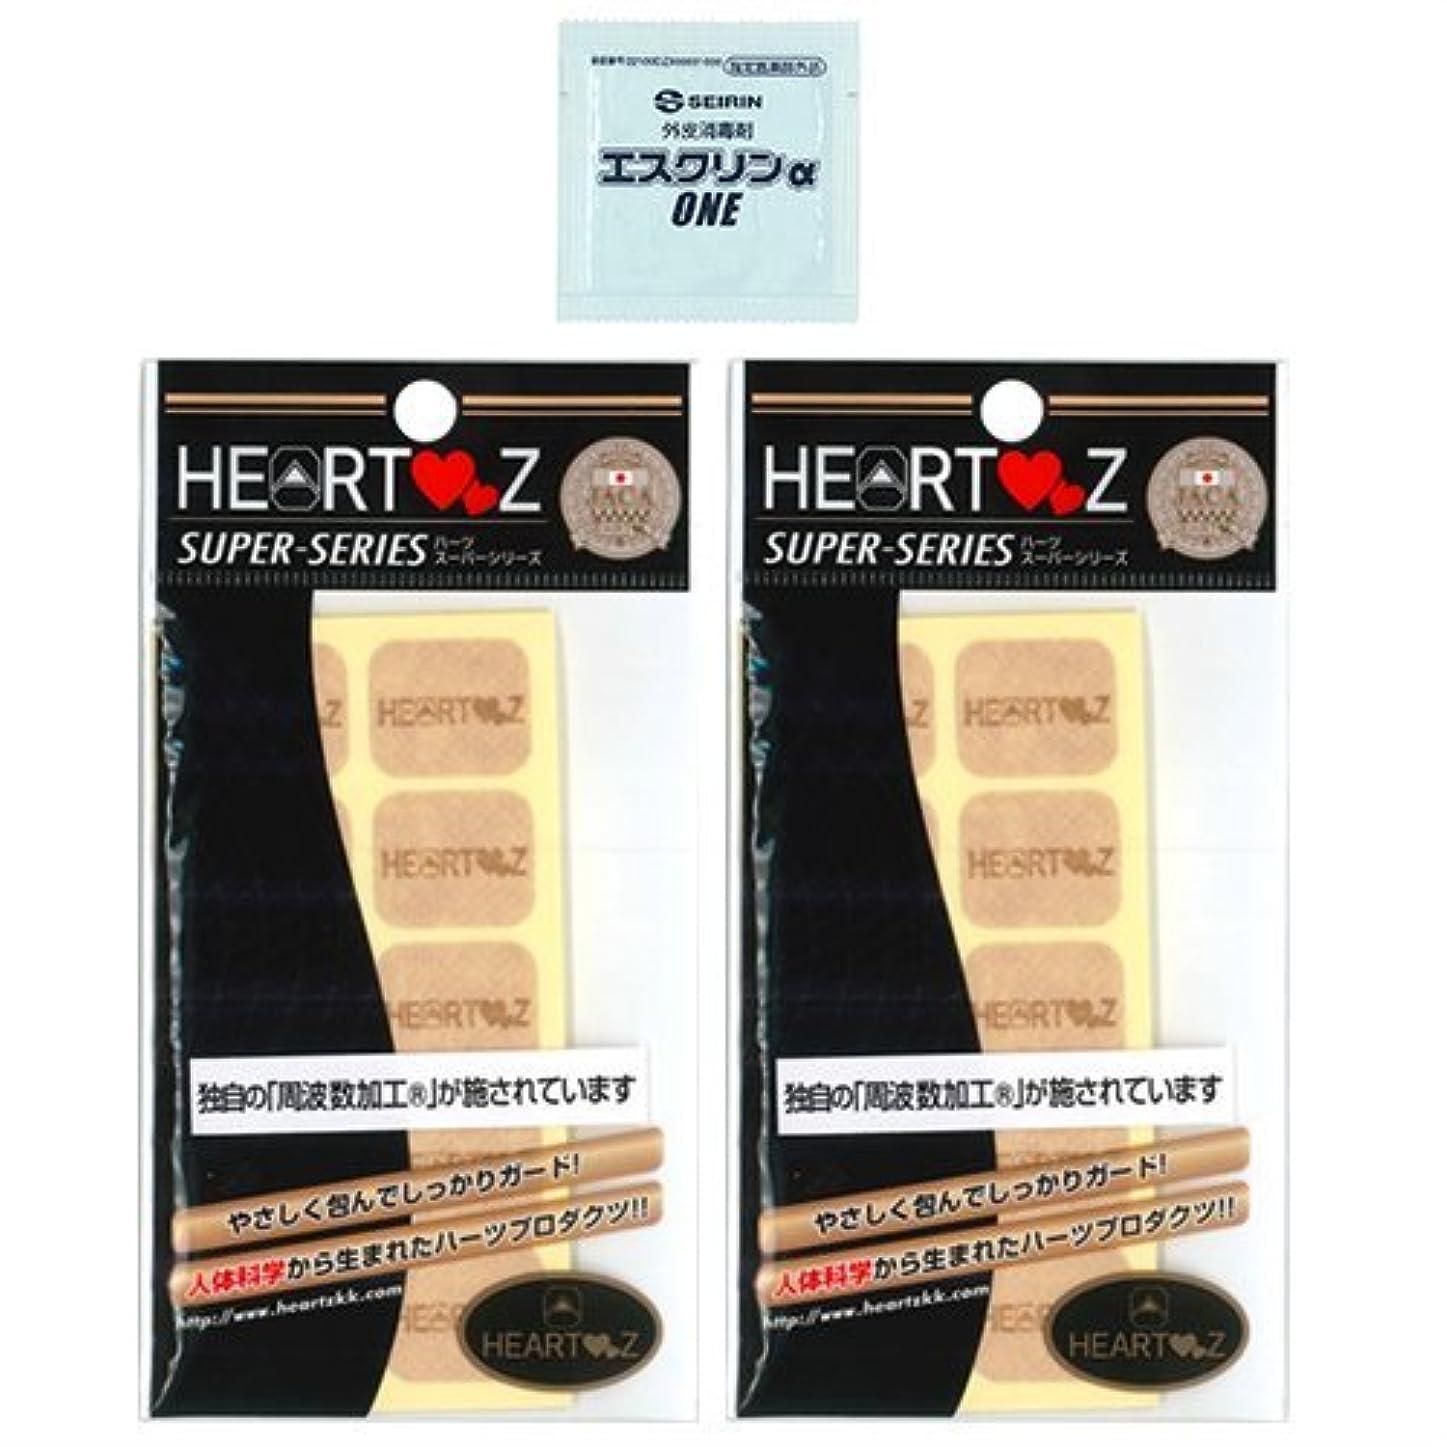 早熟真実にペフ【HEARTZ(ハーツ)】ハーツスーパーシール レギュラータイプ 80枚入×2個セット (計160枚) + エスクリンαONEx1個 セット